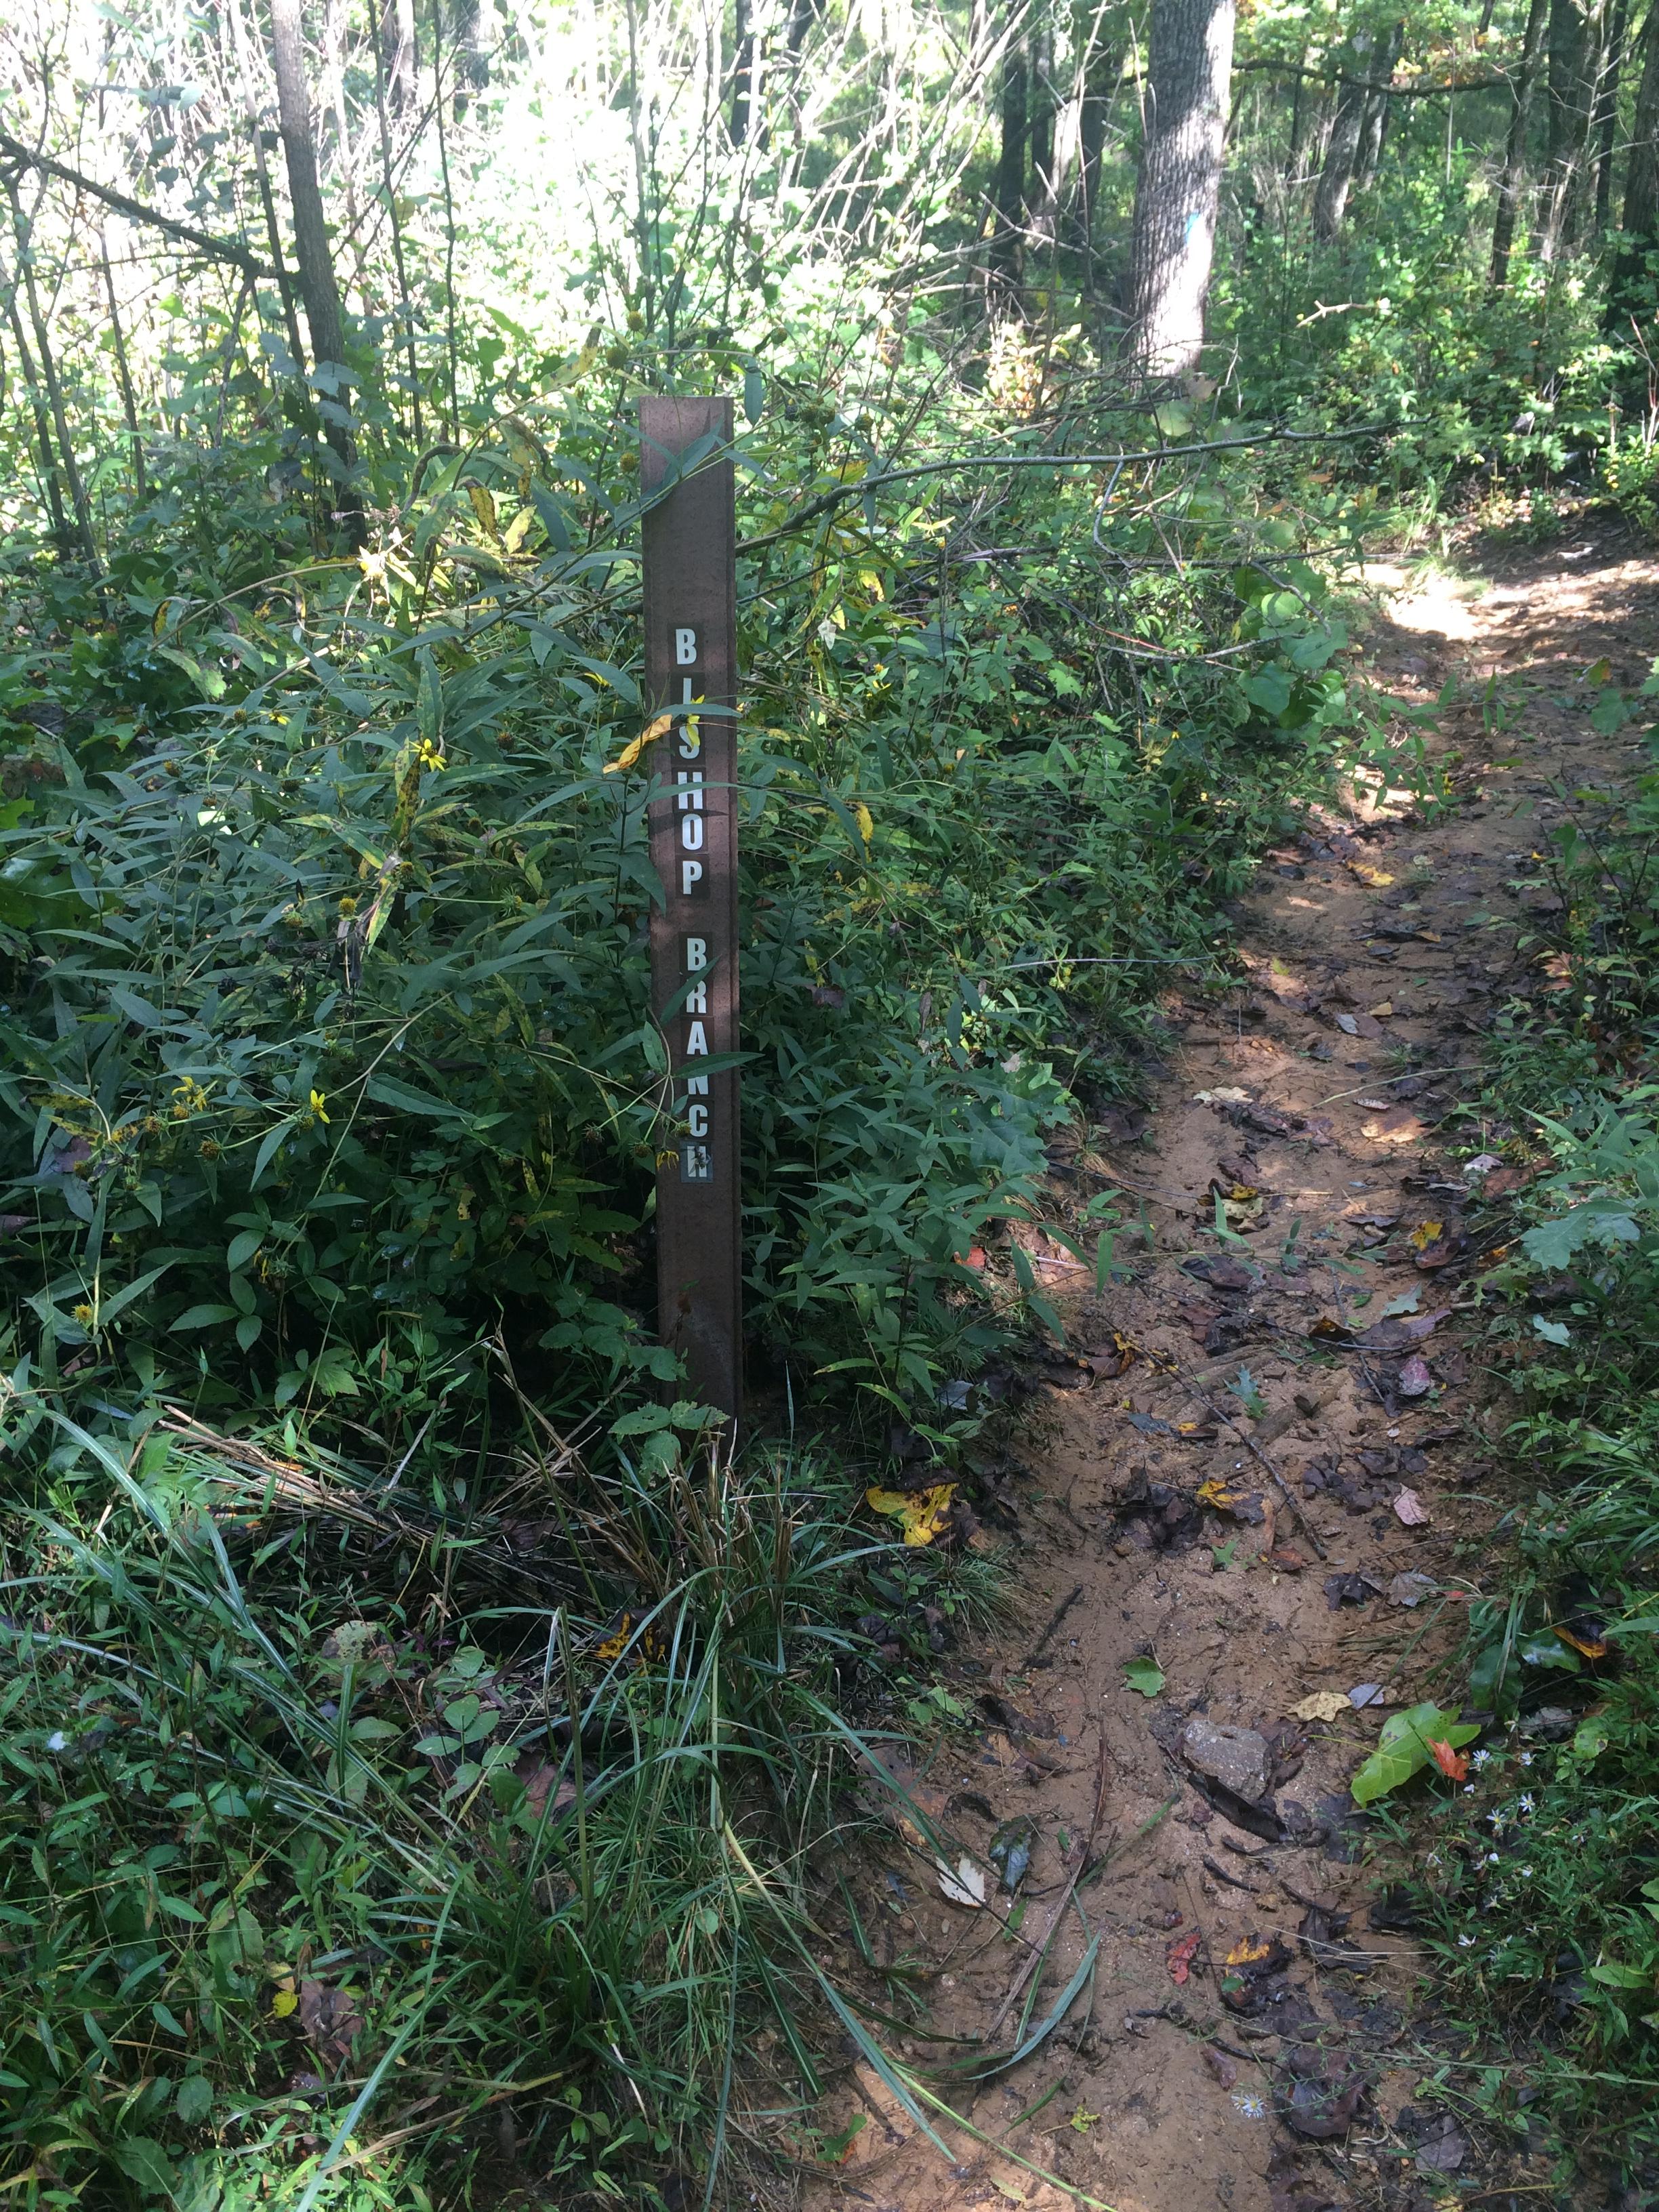 Bishop Branch Trail